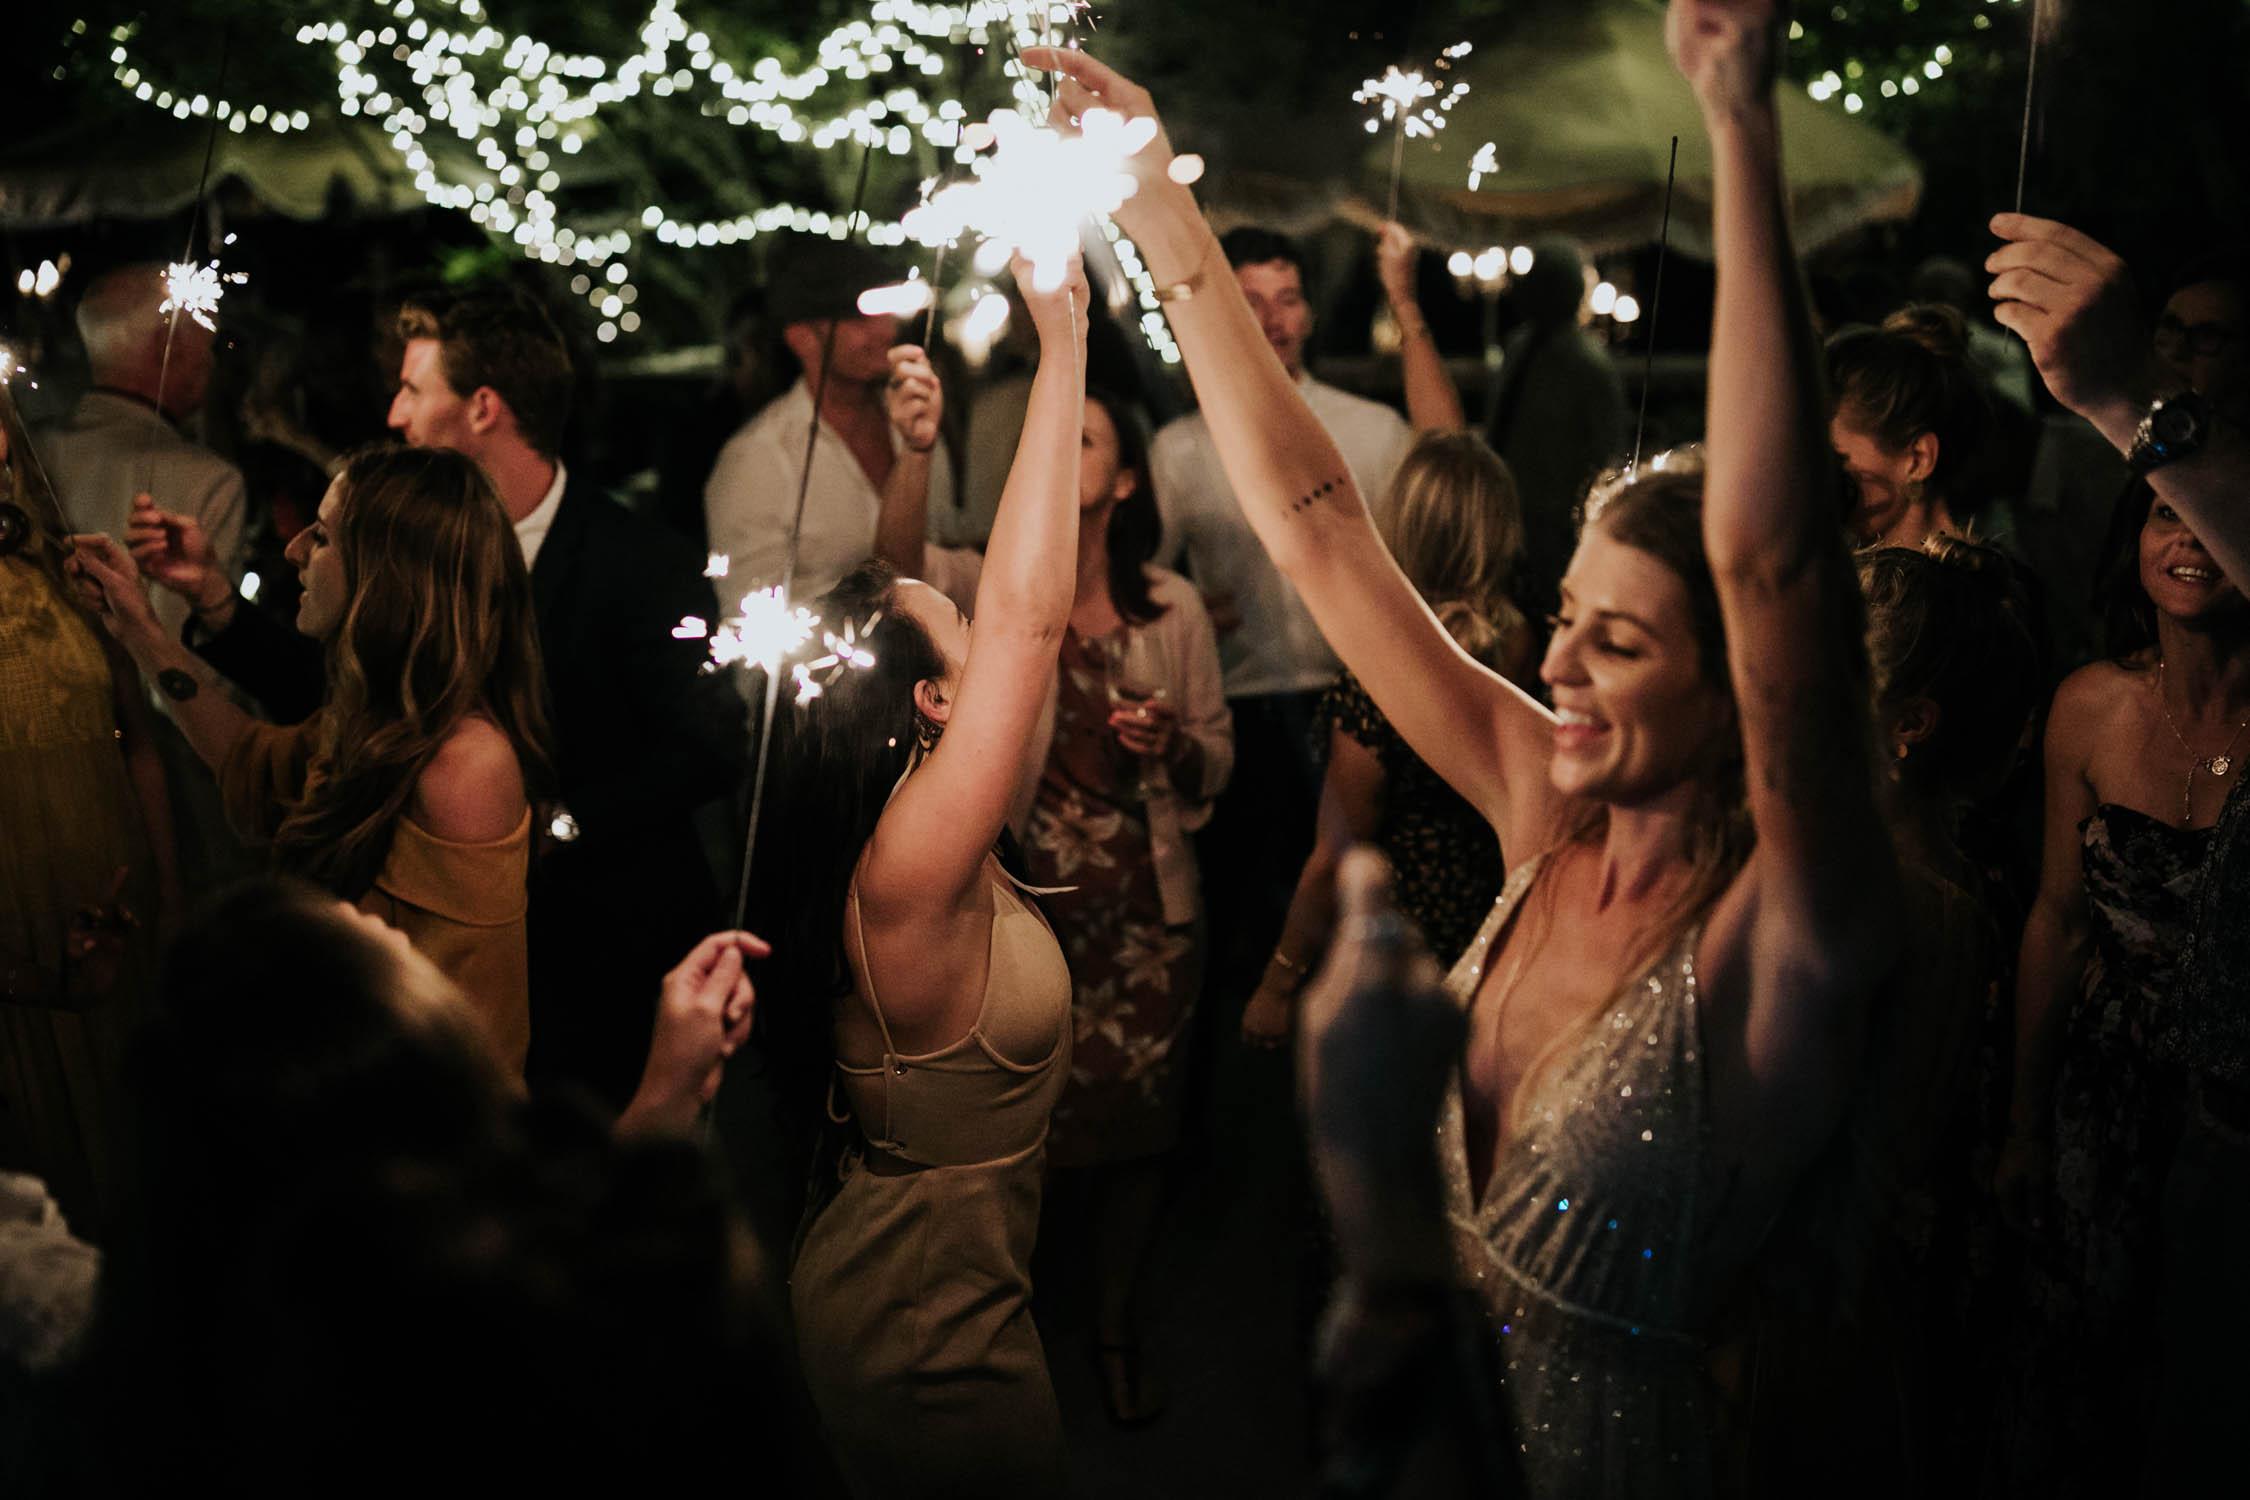 Sparklers on dance floor epic best wedding dancing photos